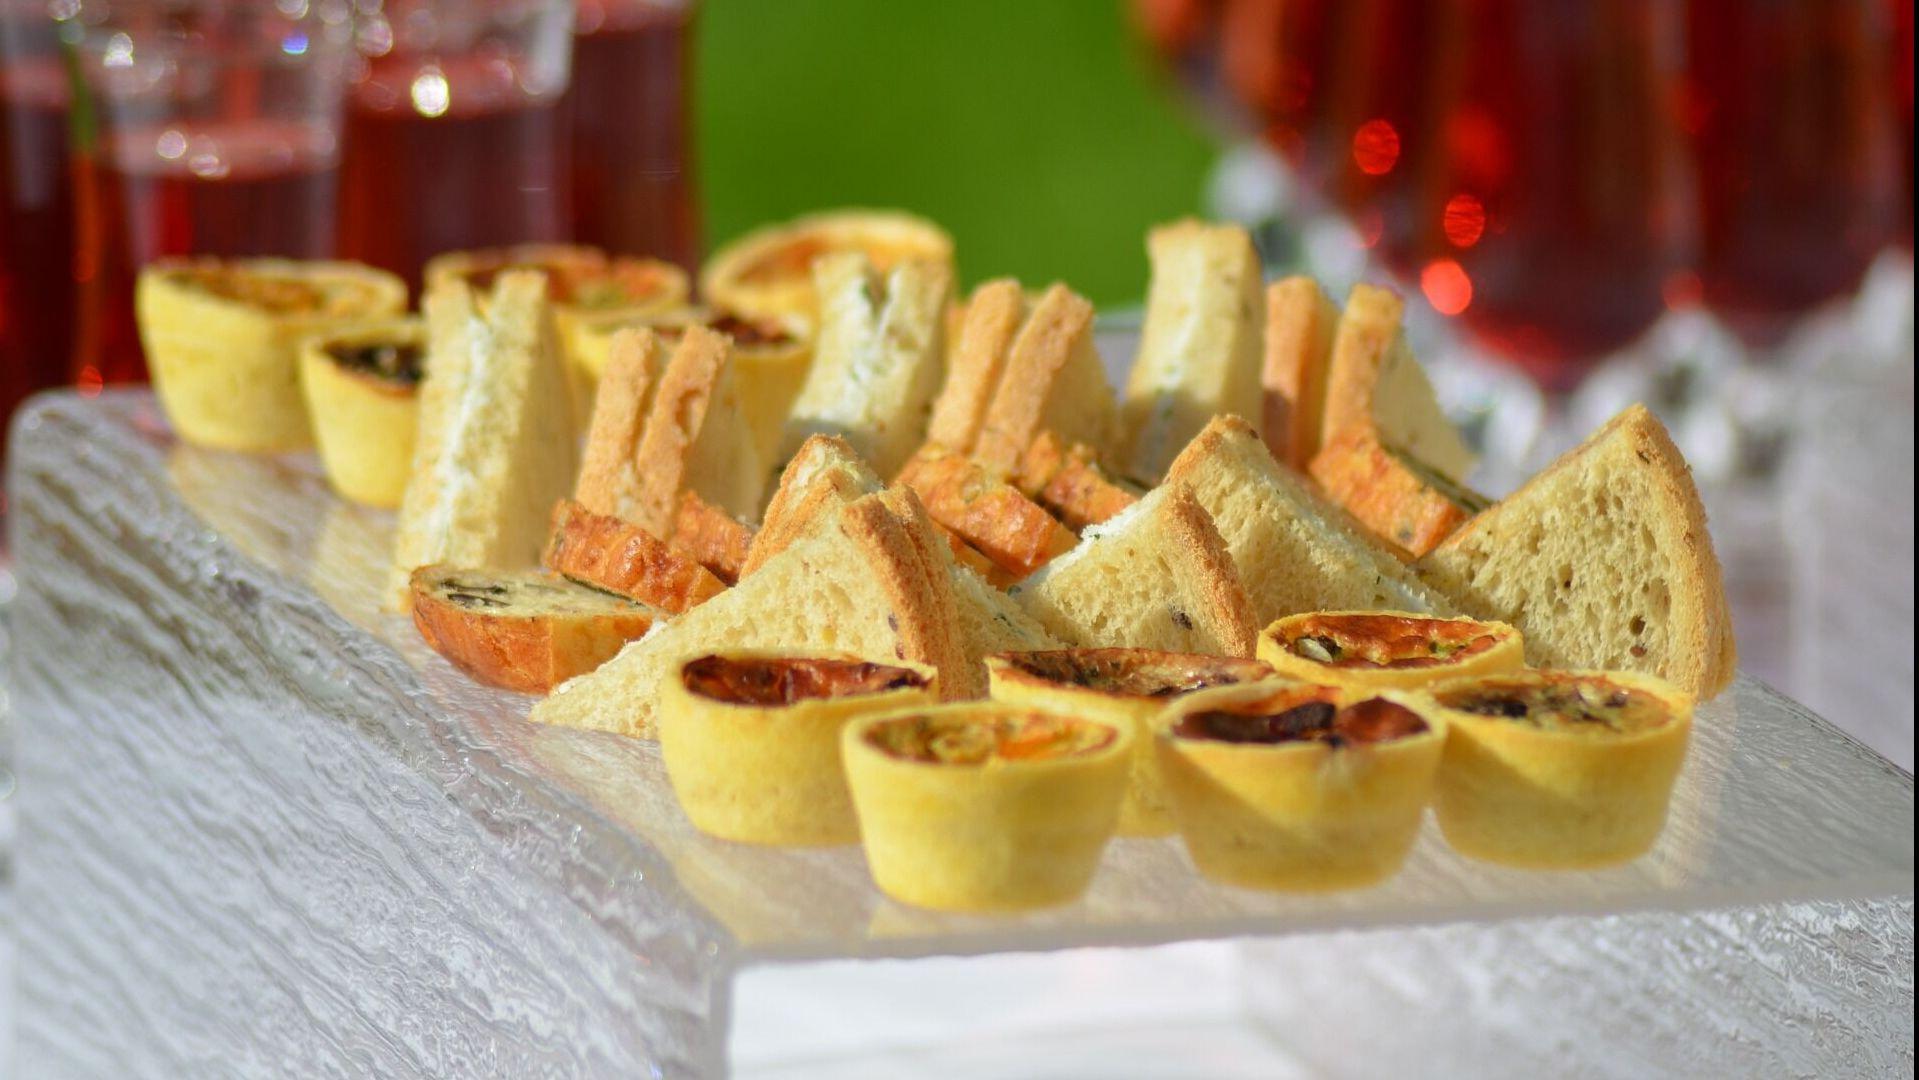 La Favorita bar ristorante a Lugano: prenota ora una colazione dolce con brioche o torta, un pranzo leggero e sfizioso o un aperitivo per la sera.